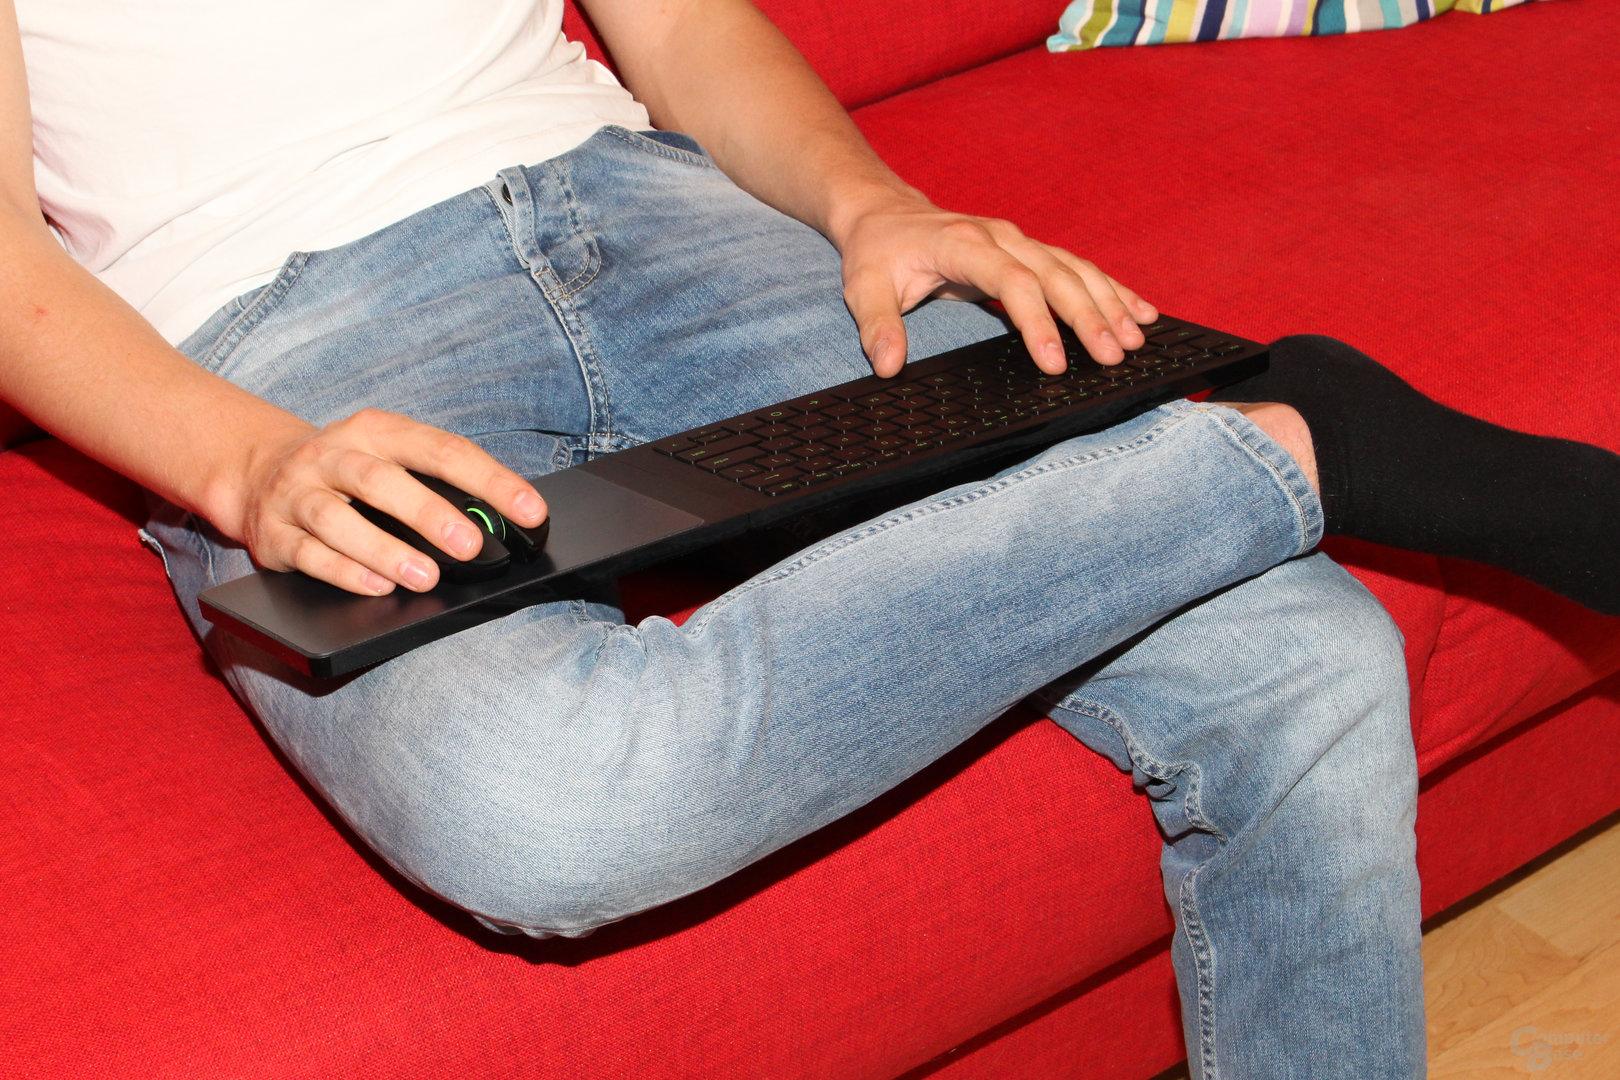 Größe und Gewicht erlauben mehrere Sitzpositionen